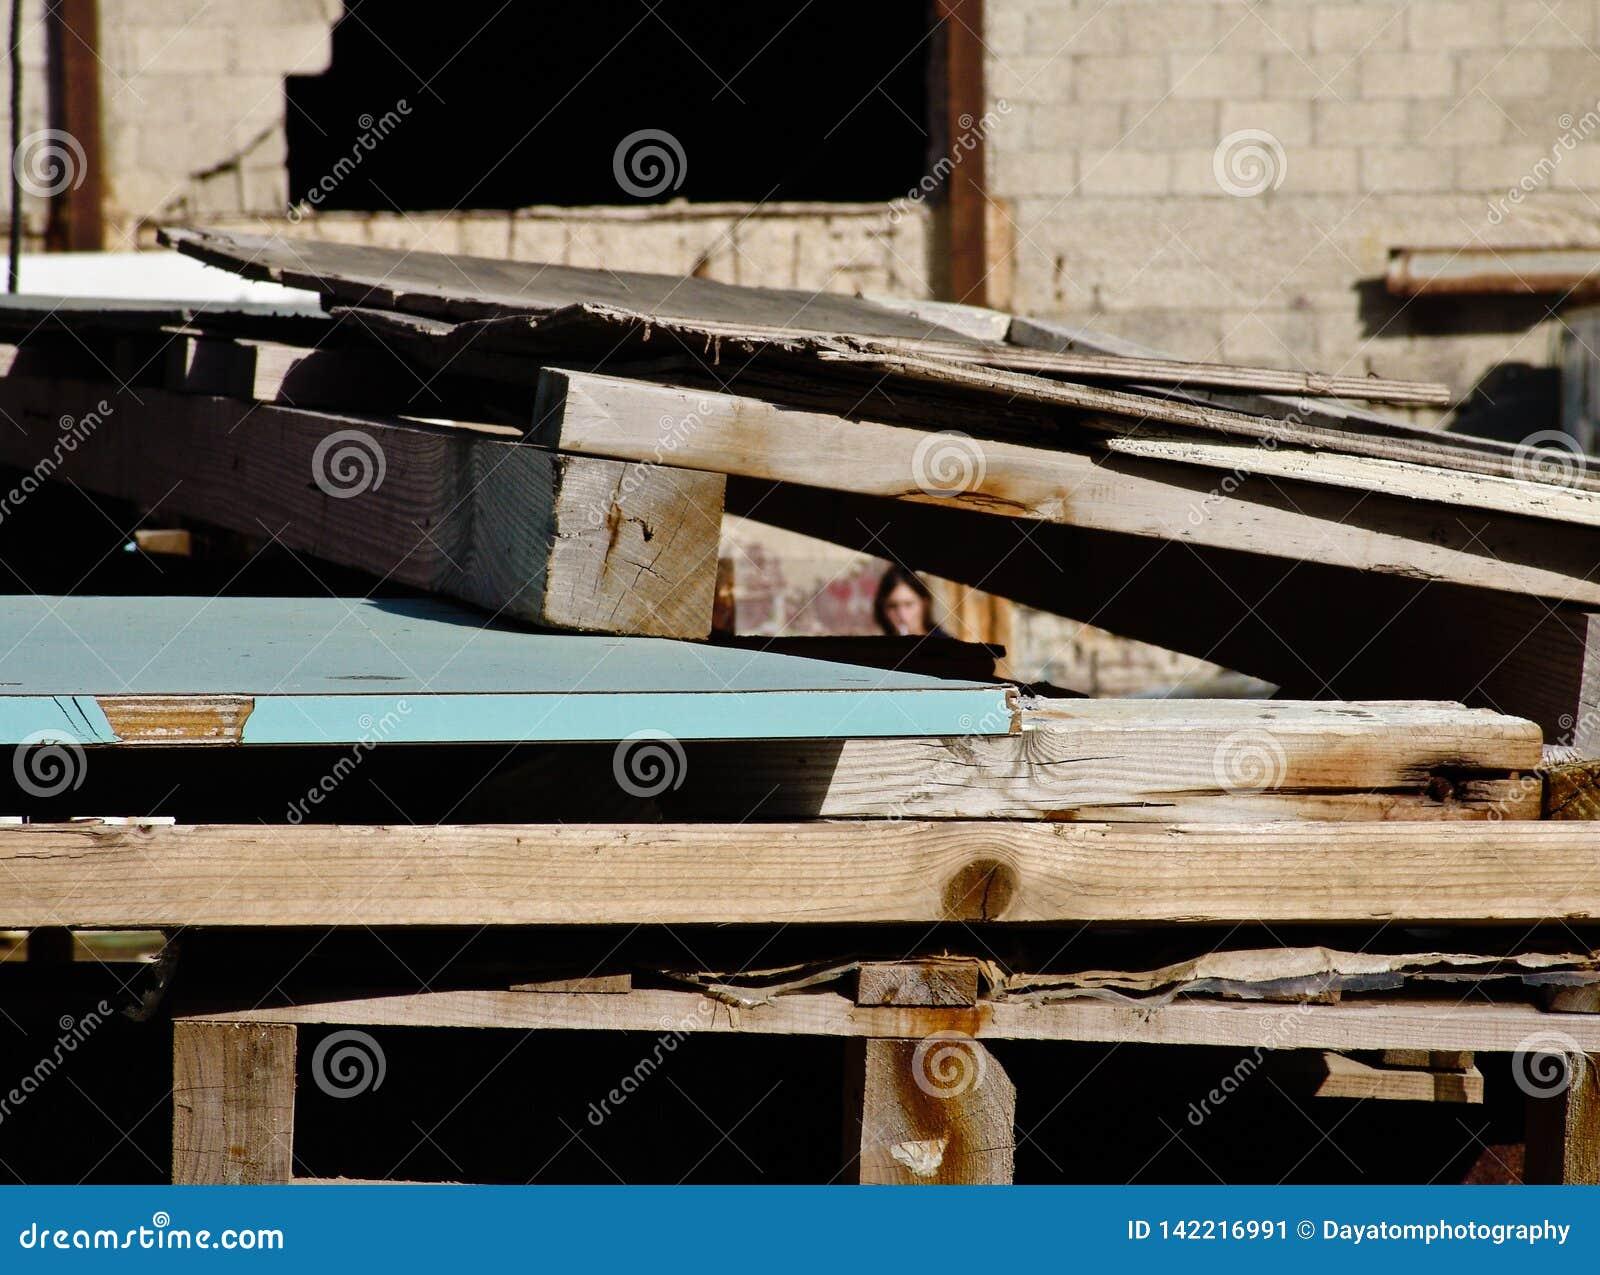 Ξύλινες δομές κατασκευής που συσσωρεύονται σε μια βιομηχανική περιοχή, έξω